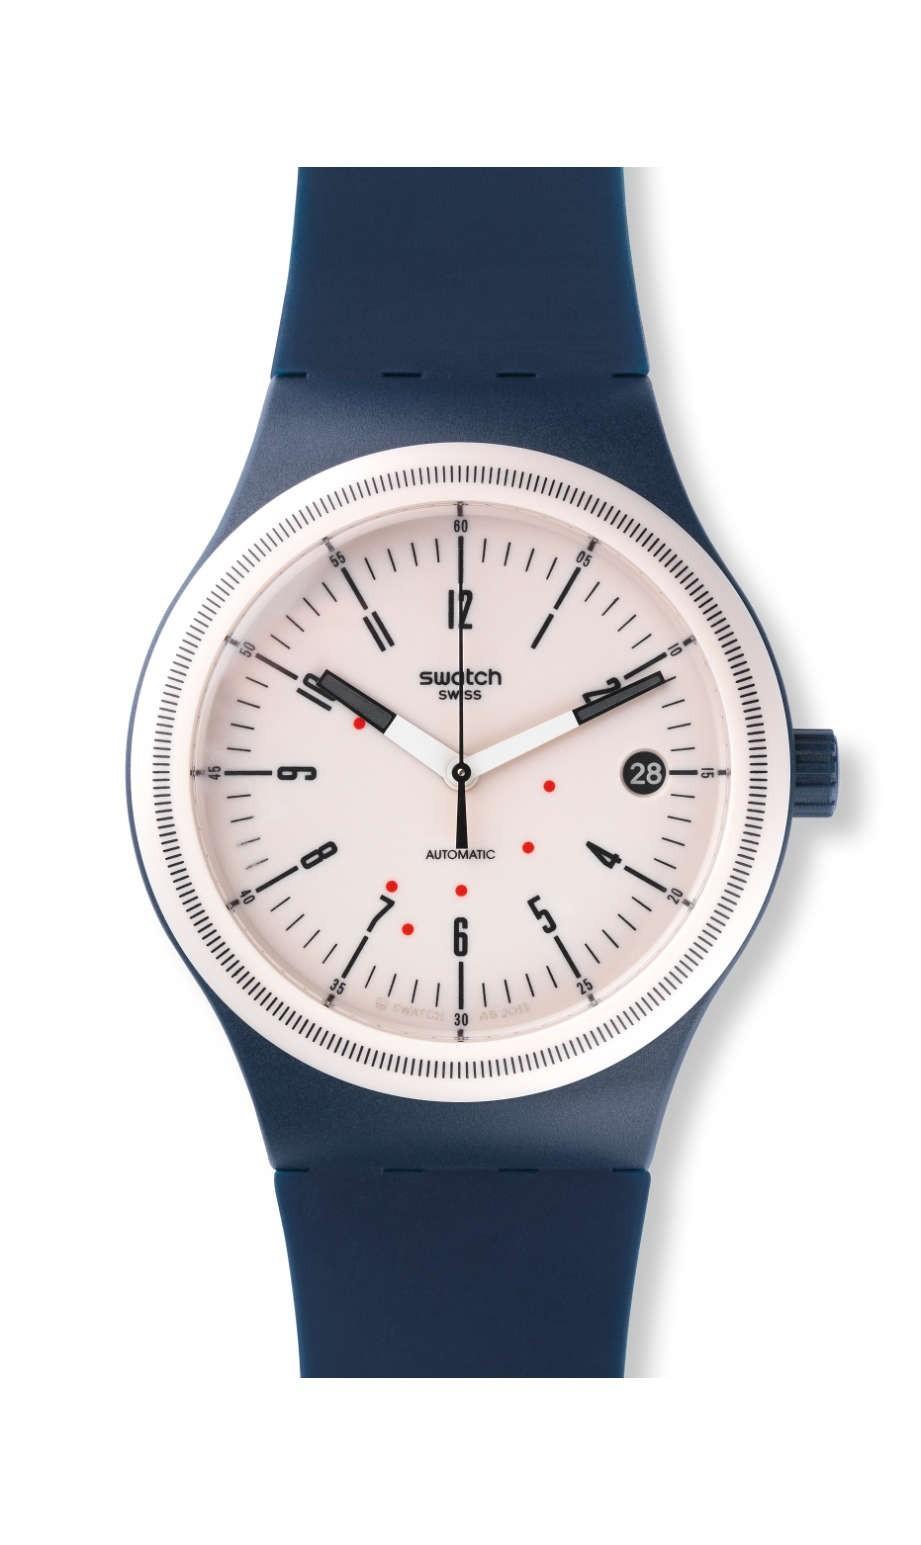 Swatch часы механические купить купить механизм часов ronda